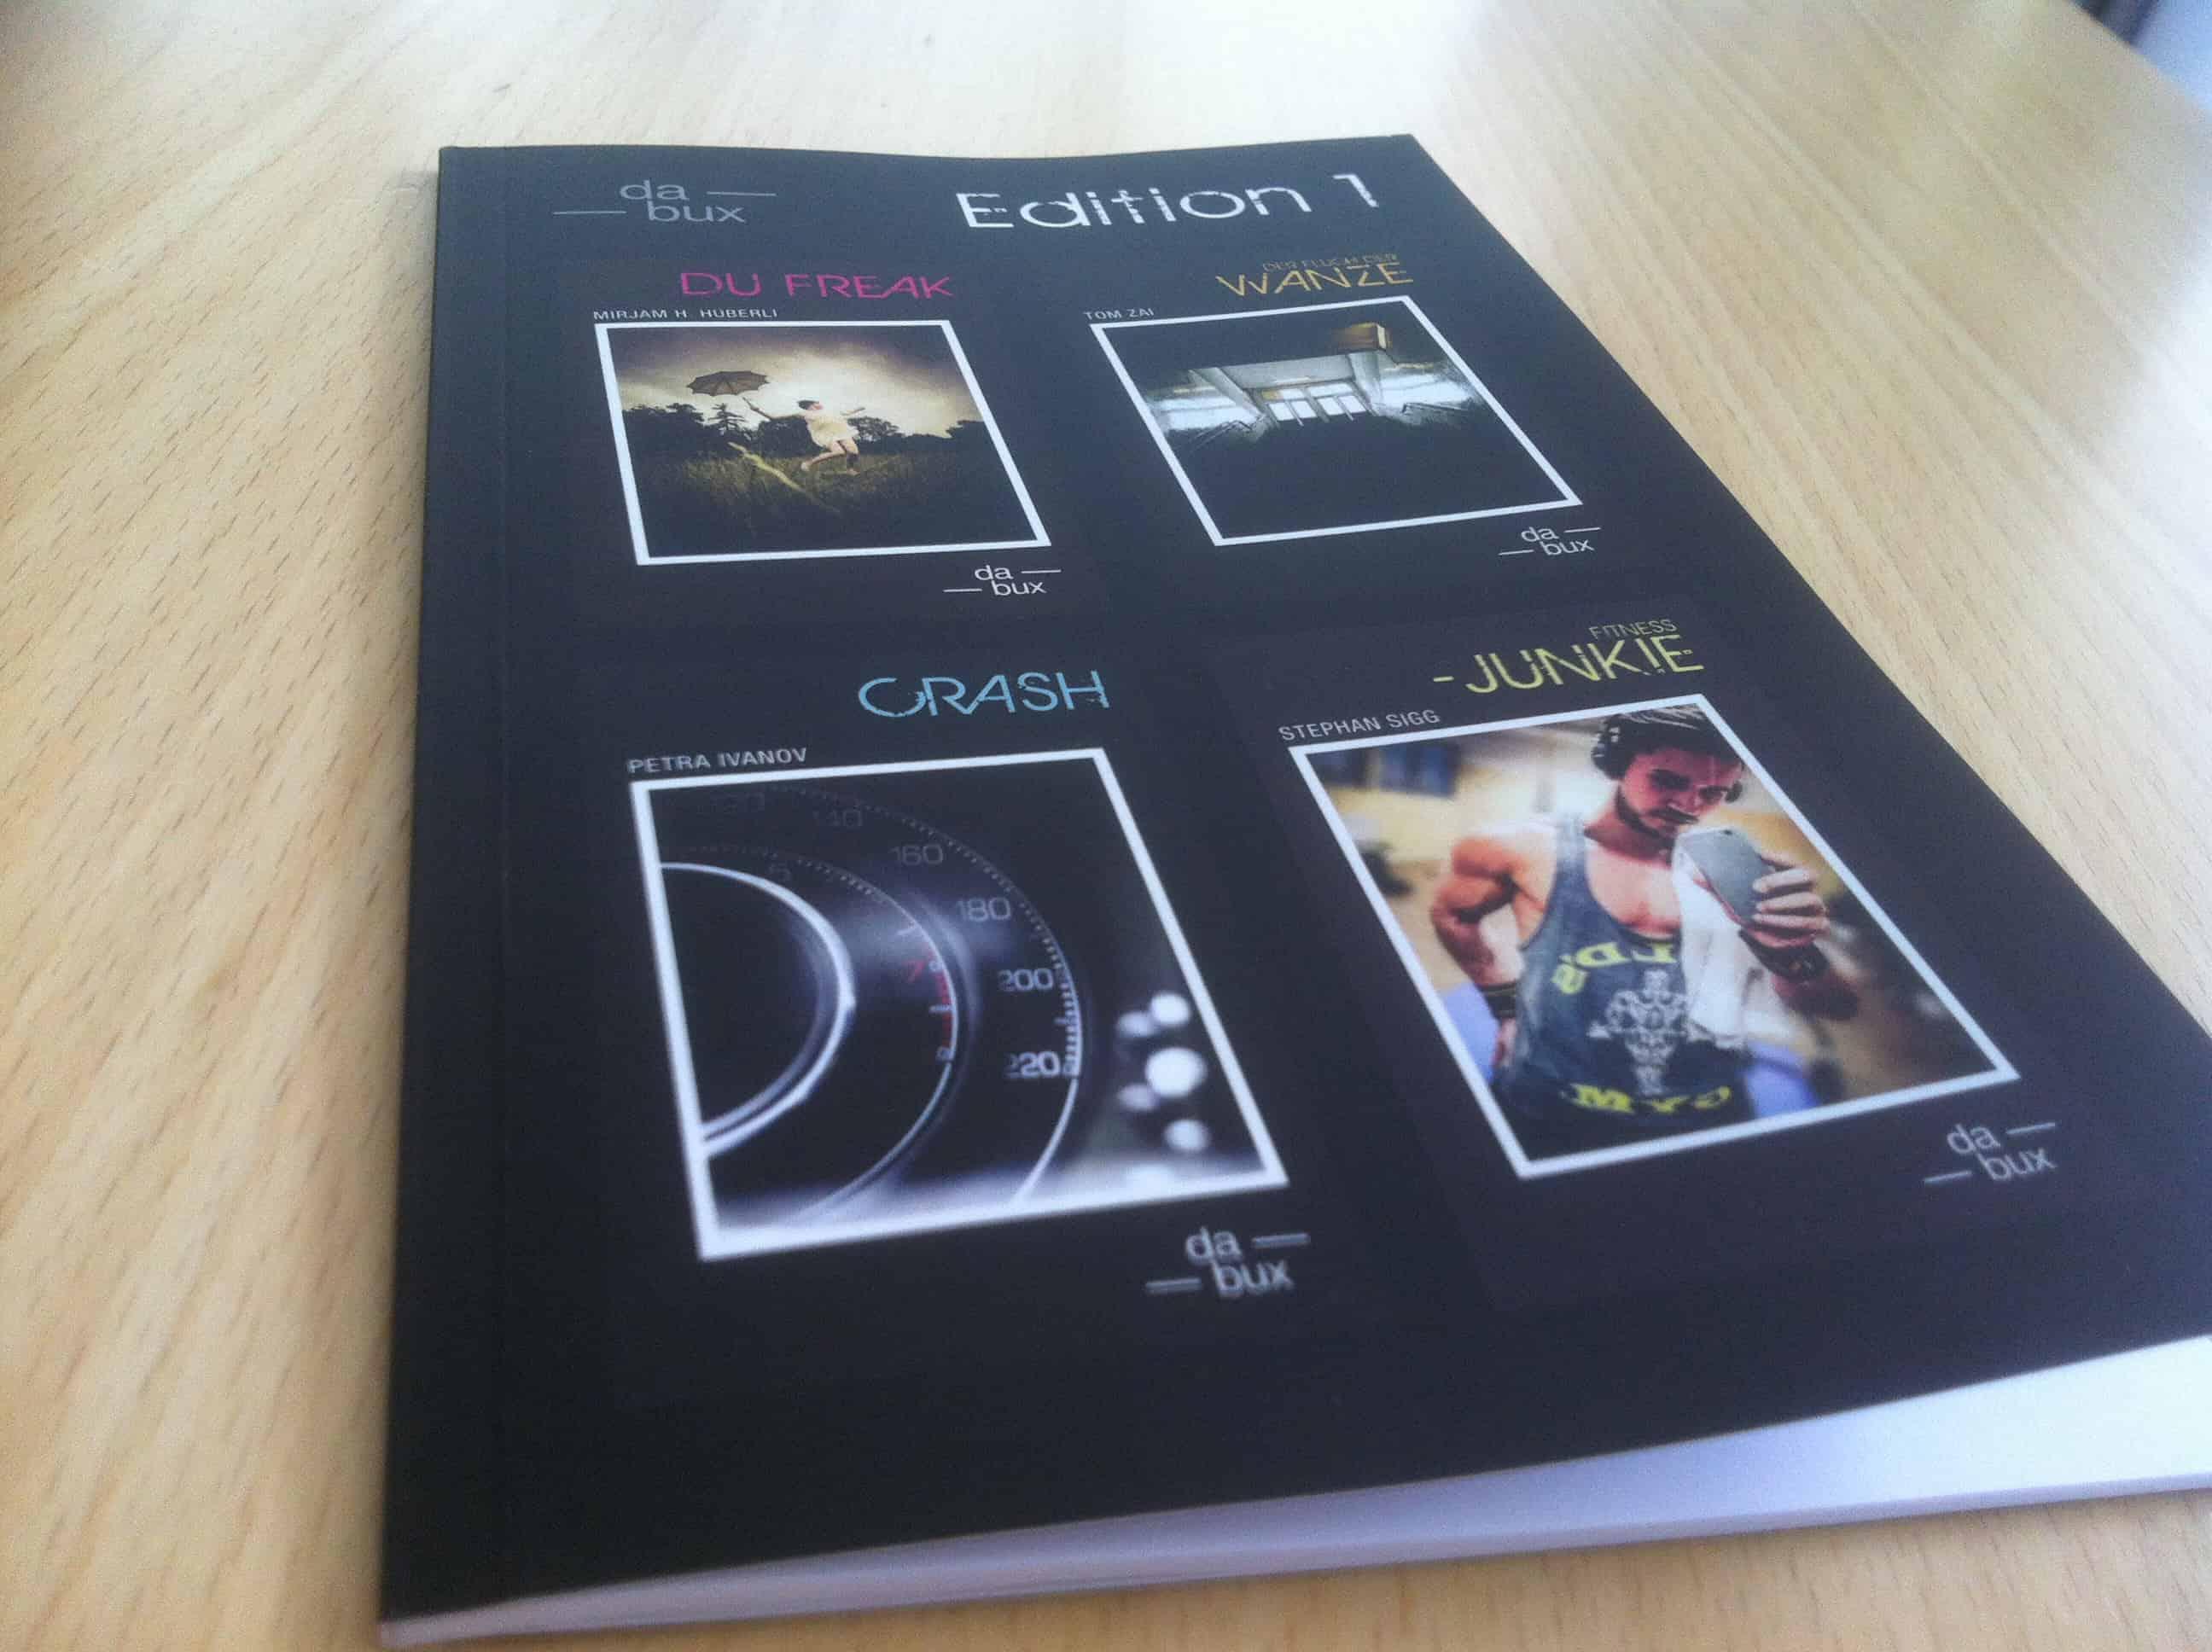 edition 1